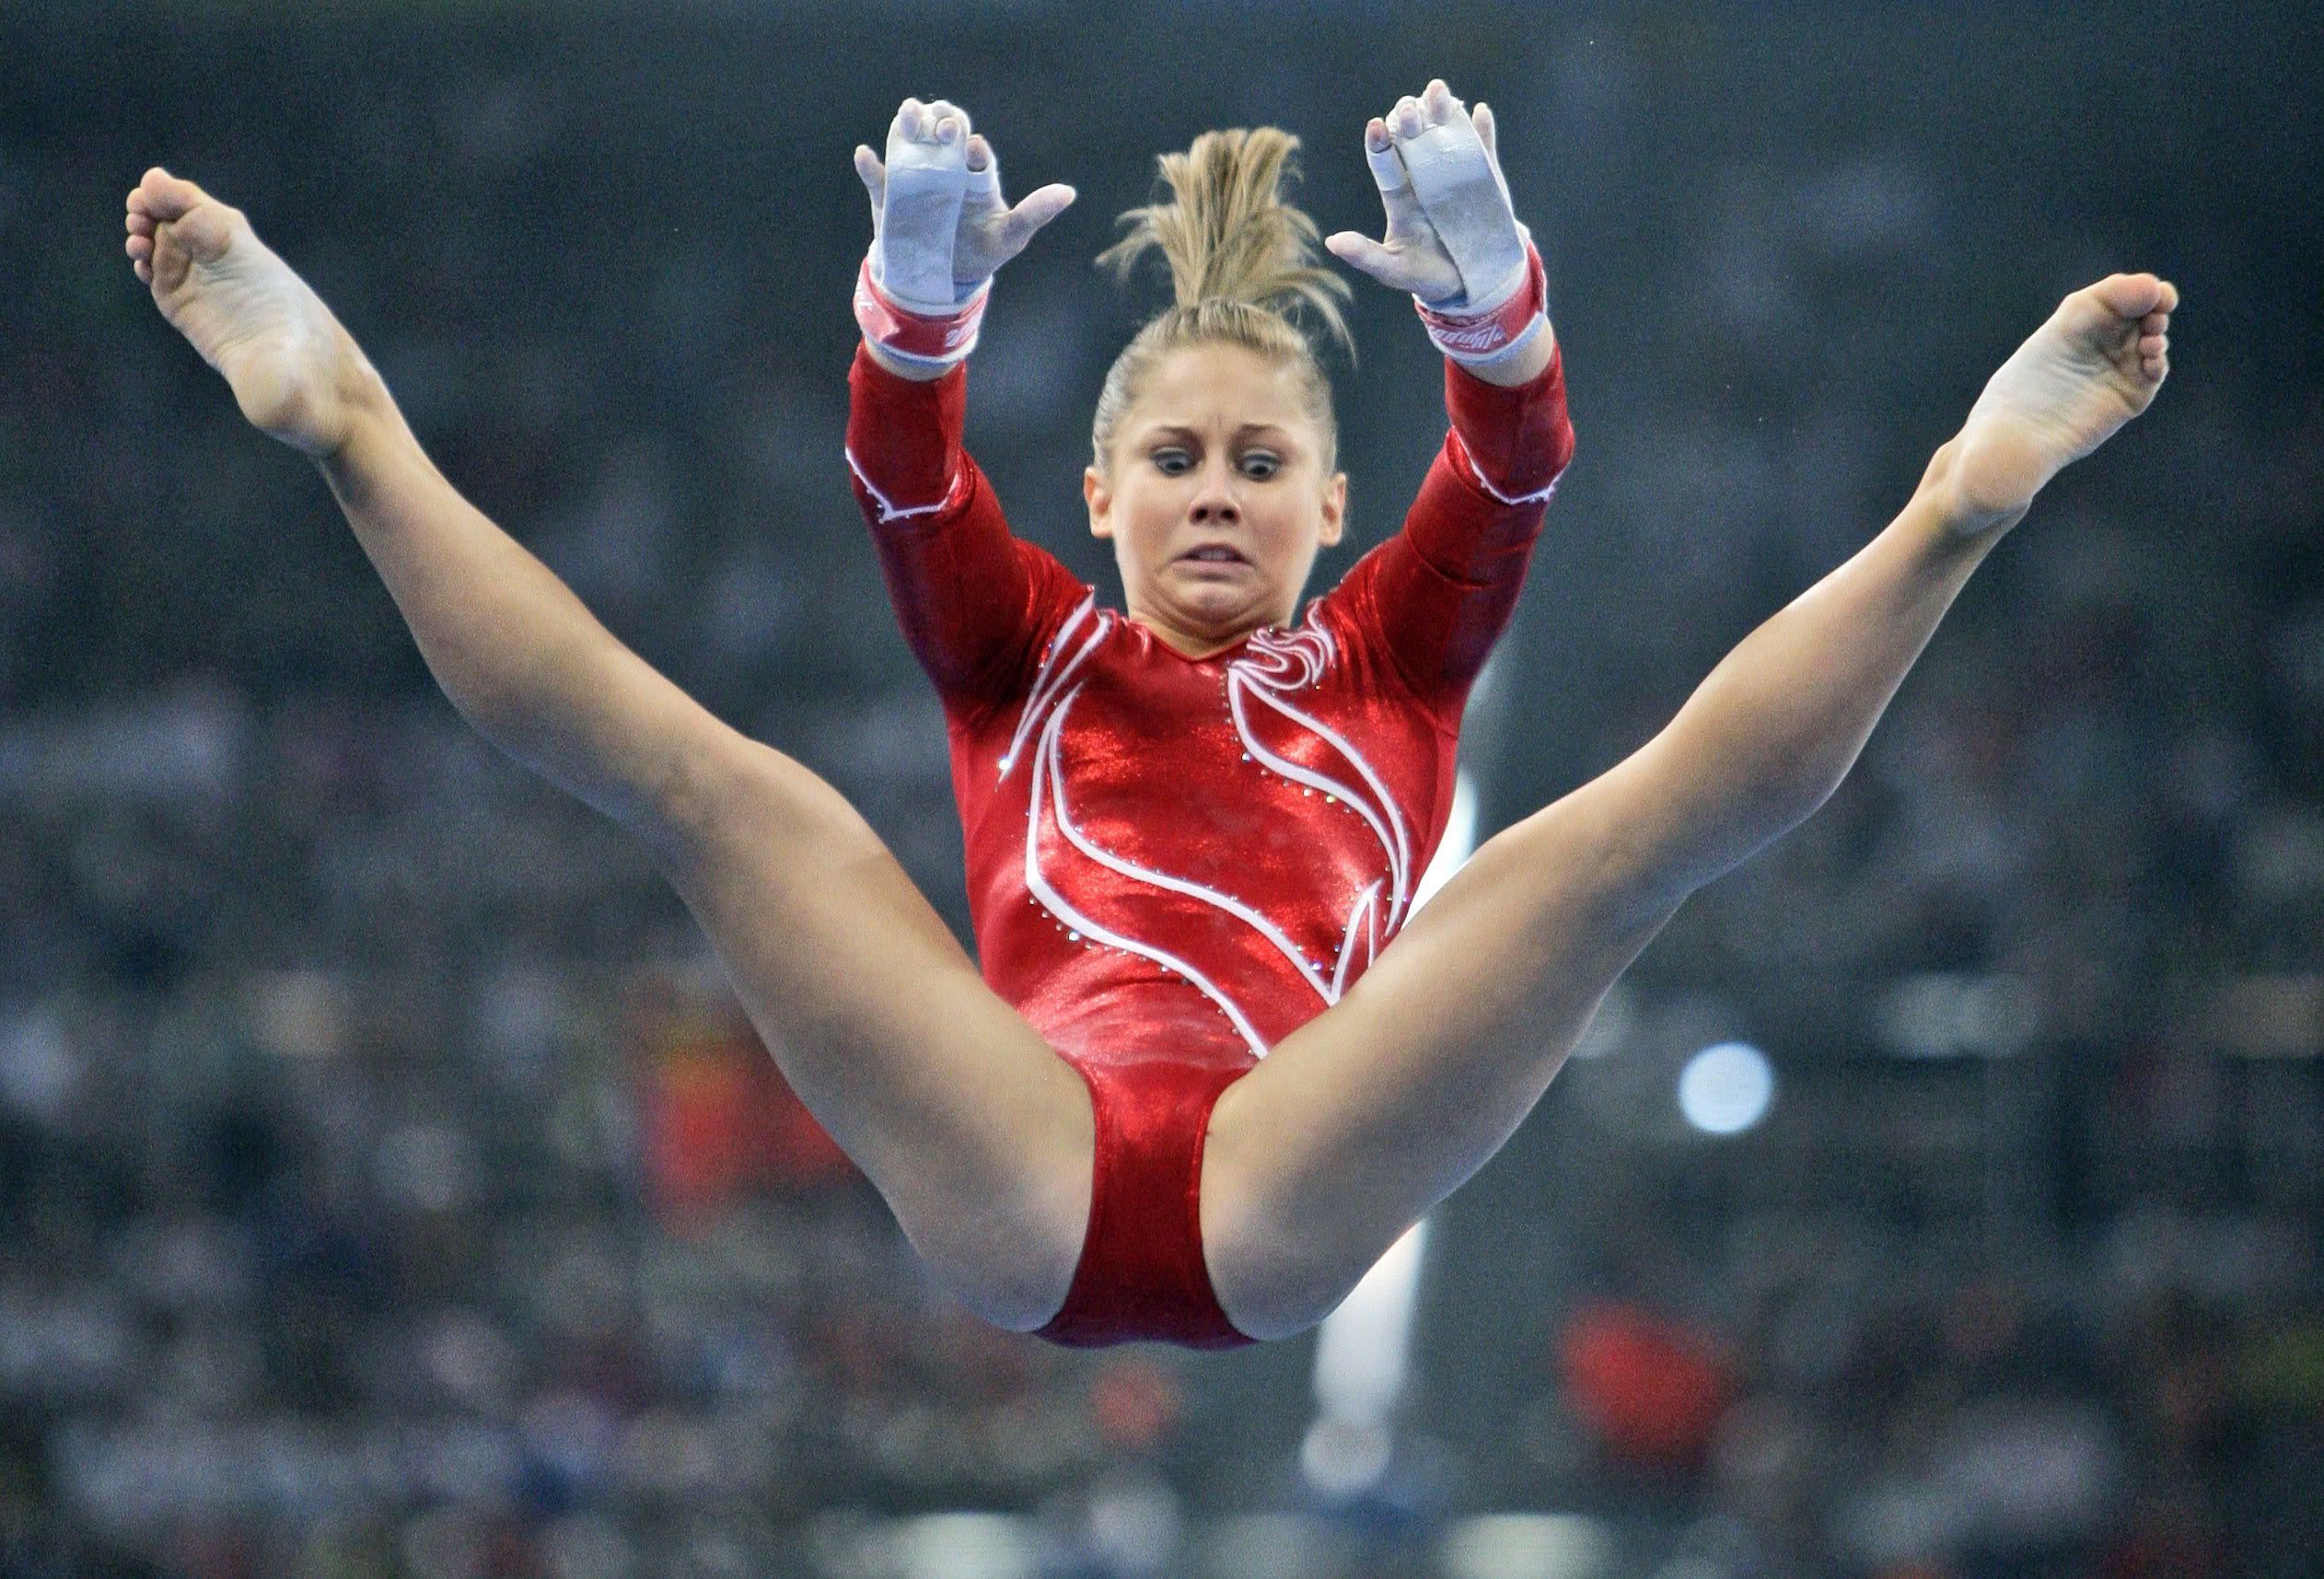 Gymnastics shawn johnson pussy